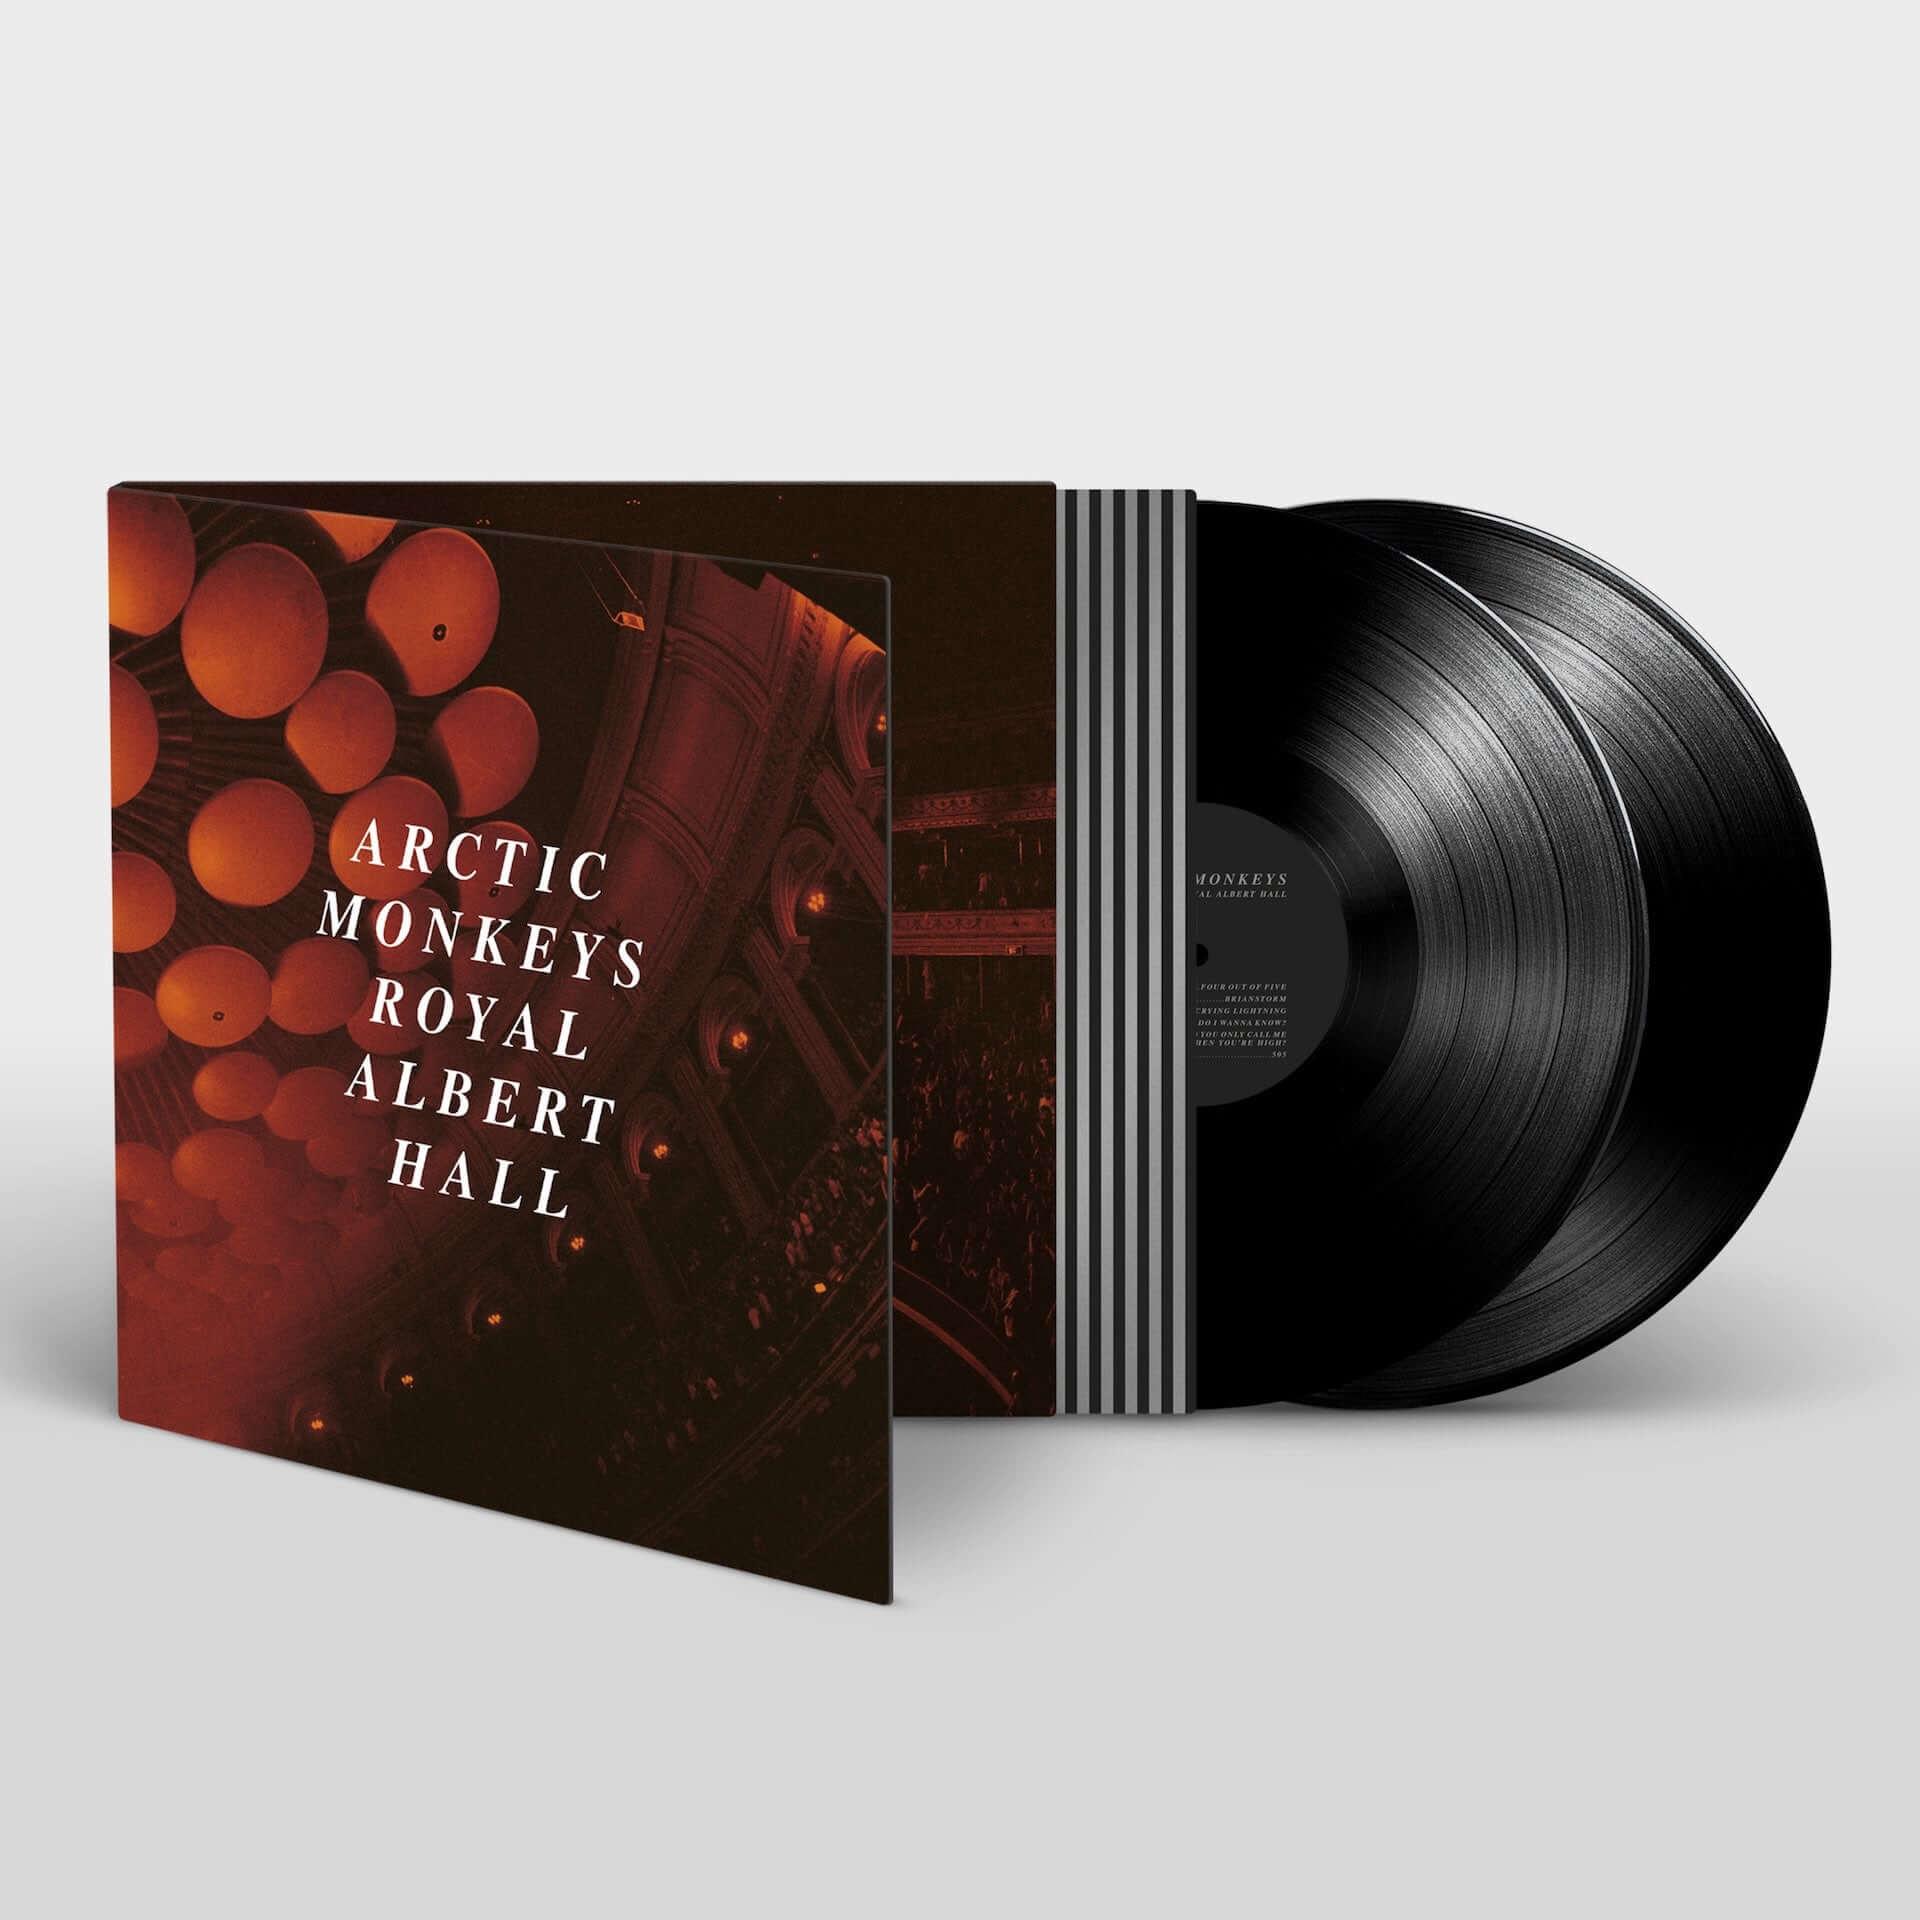 Arctic Monkeysが20曲入りのライブアルバム『Live At The Royal Albert Hall』をリリース決定!収益は全て慈善団体「War Child UK」に寄付 music201030_arctic-monkeys_2-1920x1920